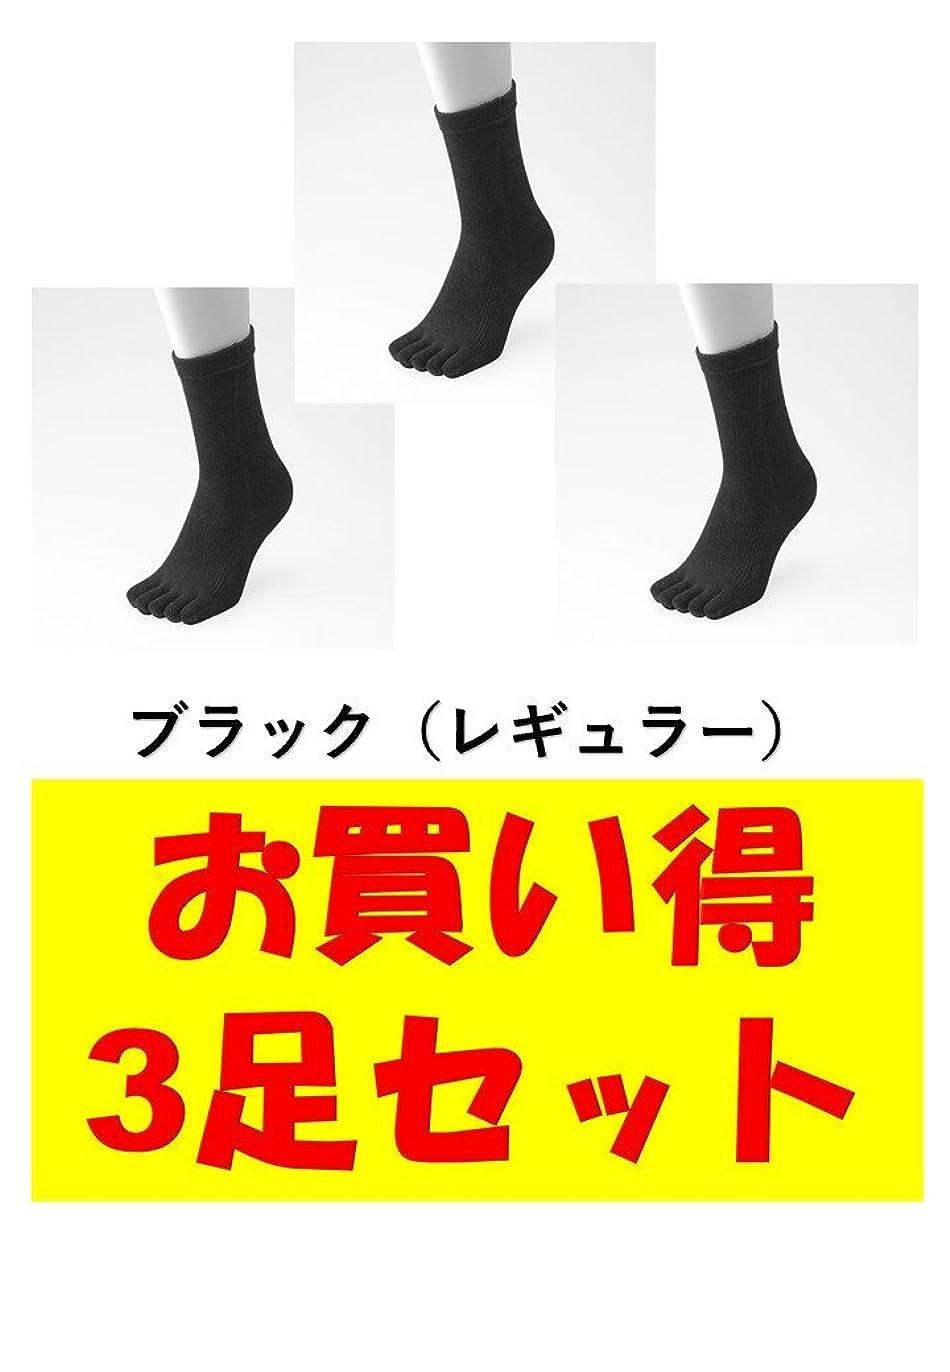 宿題文明化トランペットお買い得3足セット 5本指 ゆびのばソックス ゆびのばレギュラー ブラック 男性用 25.5cm-28.0cm HSREGR-BLK